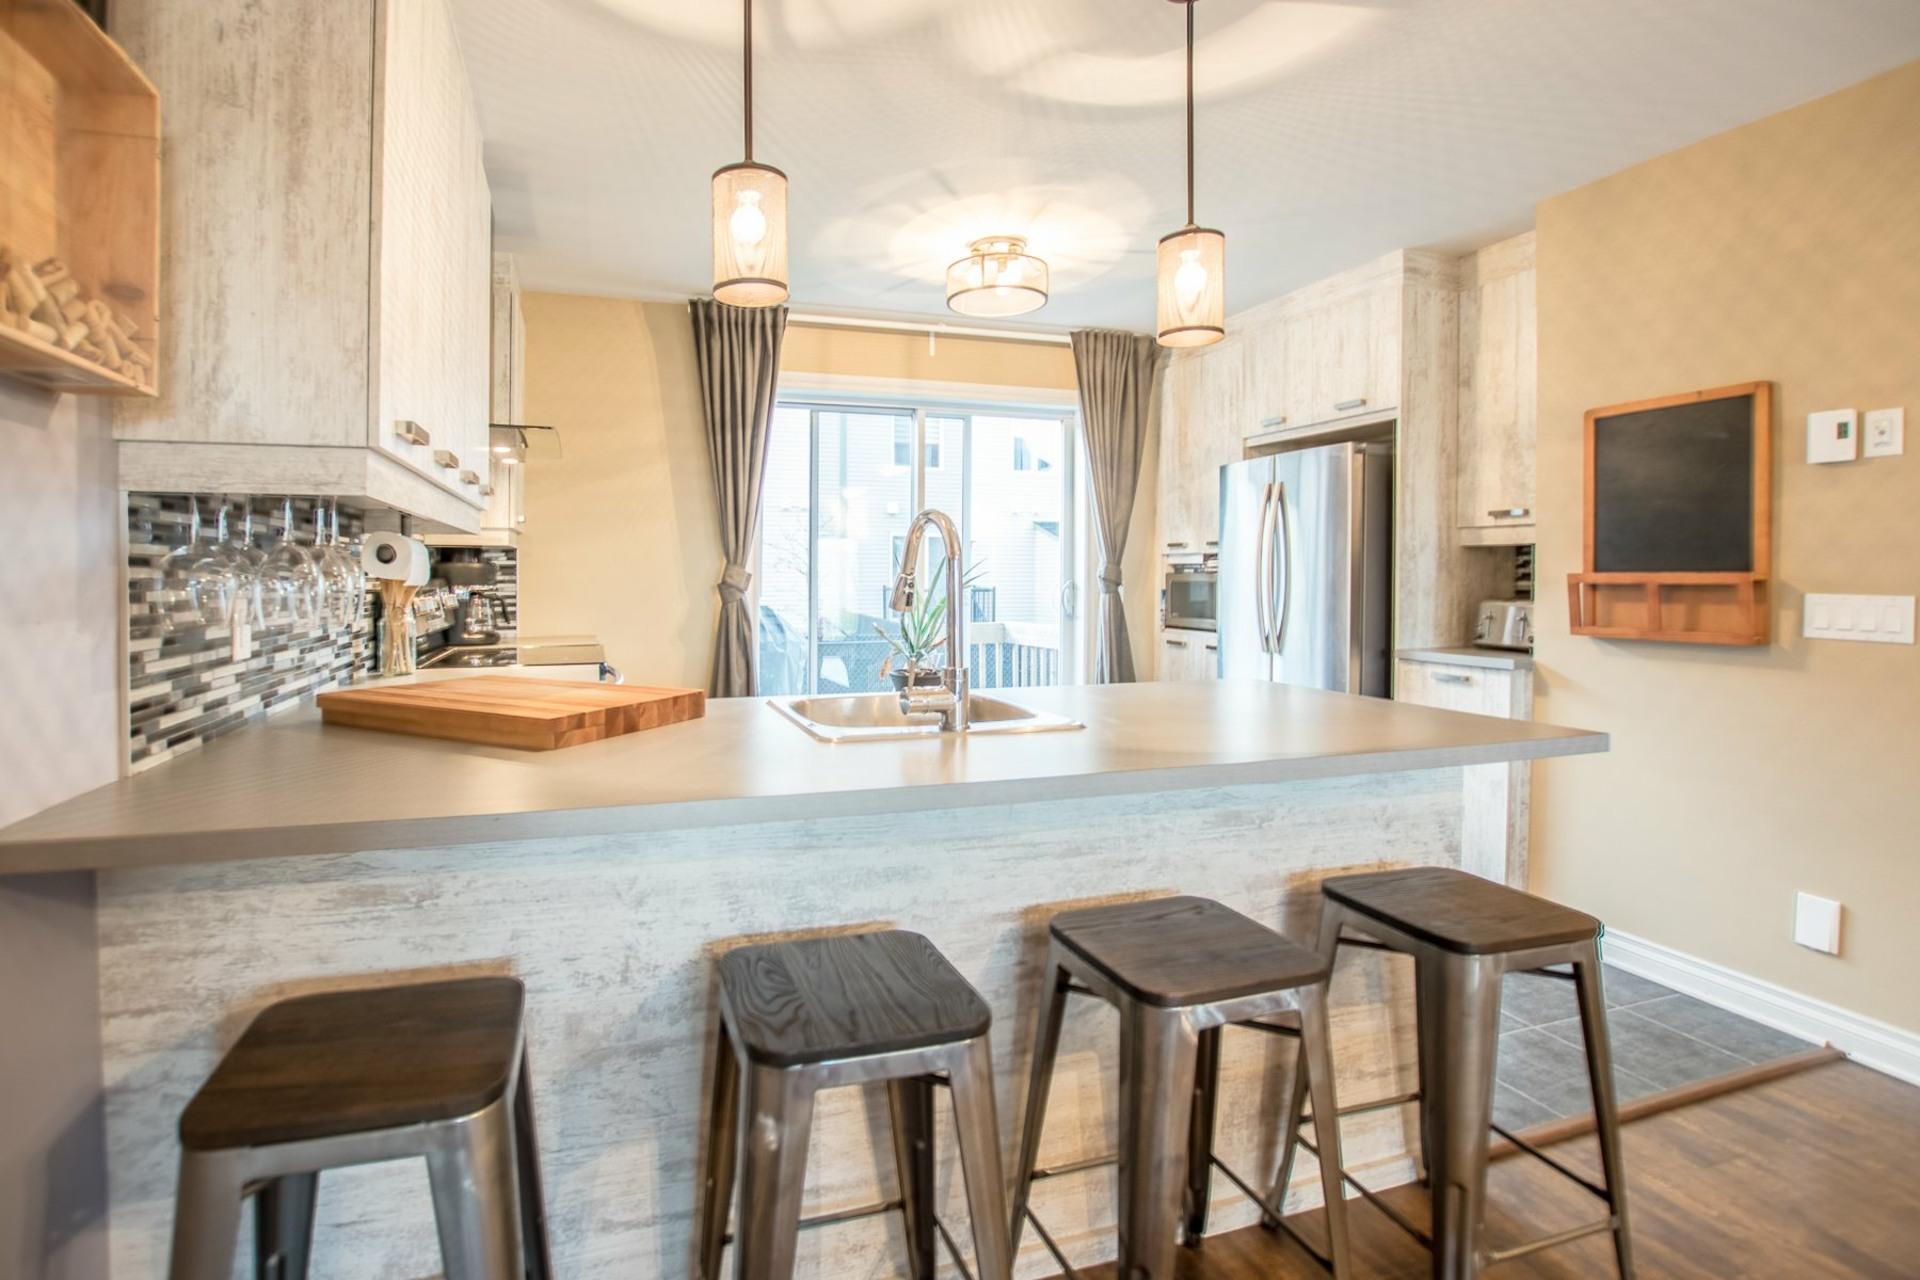 image 1 - MX - Casa sola - MX En venta Saint-Rémi - 11 habitaciones